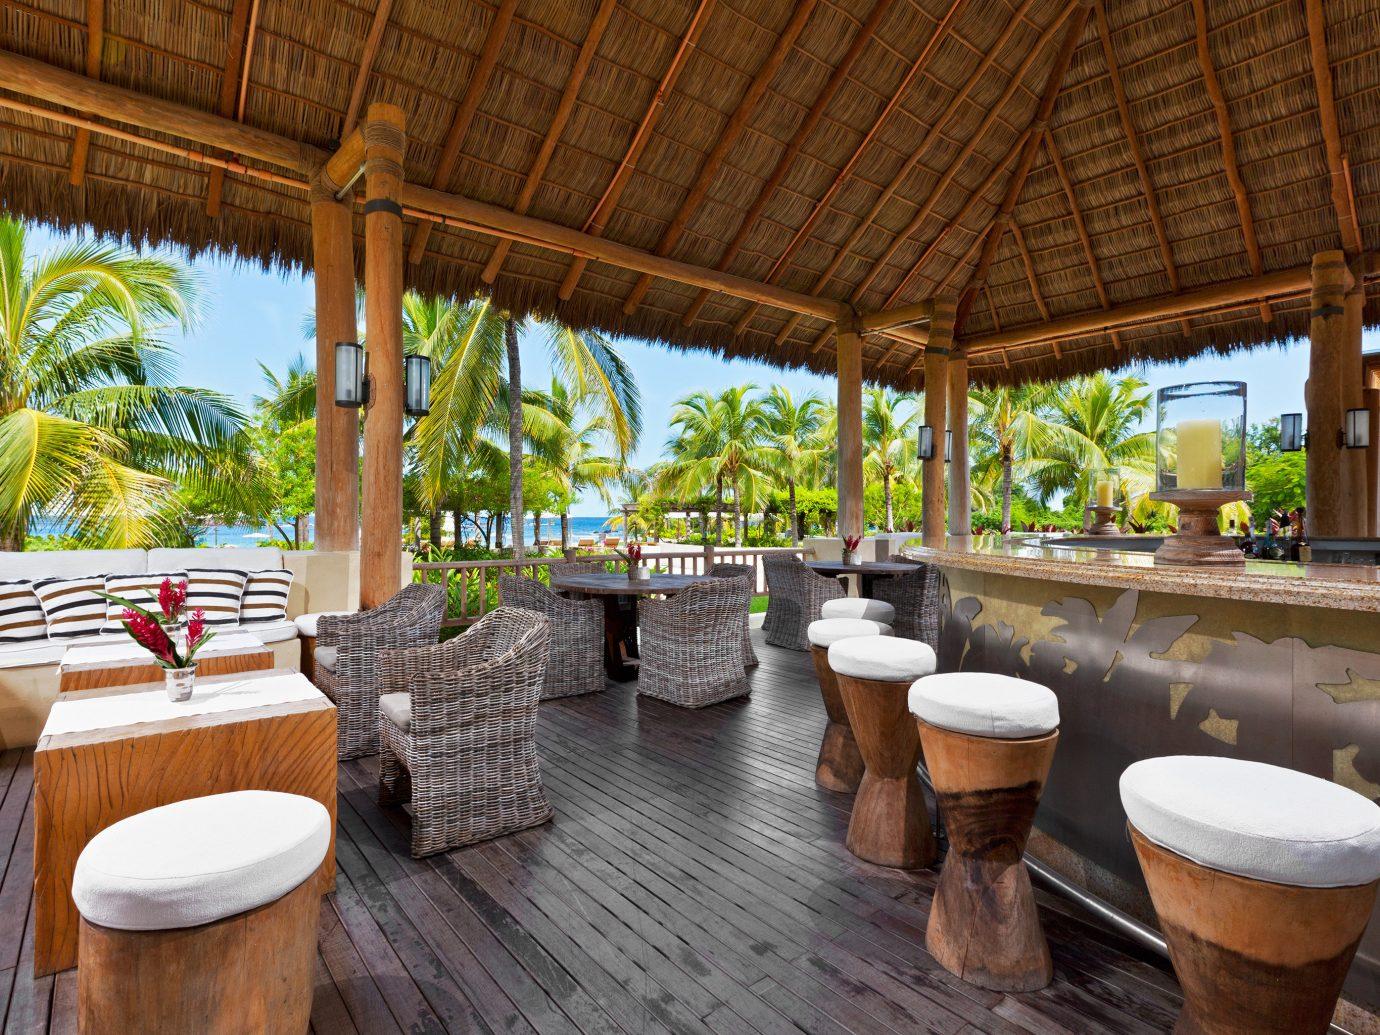 Outdoor bar at St. Regis Punta Mita